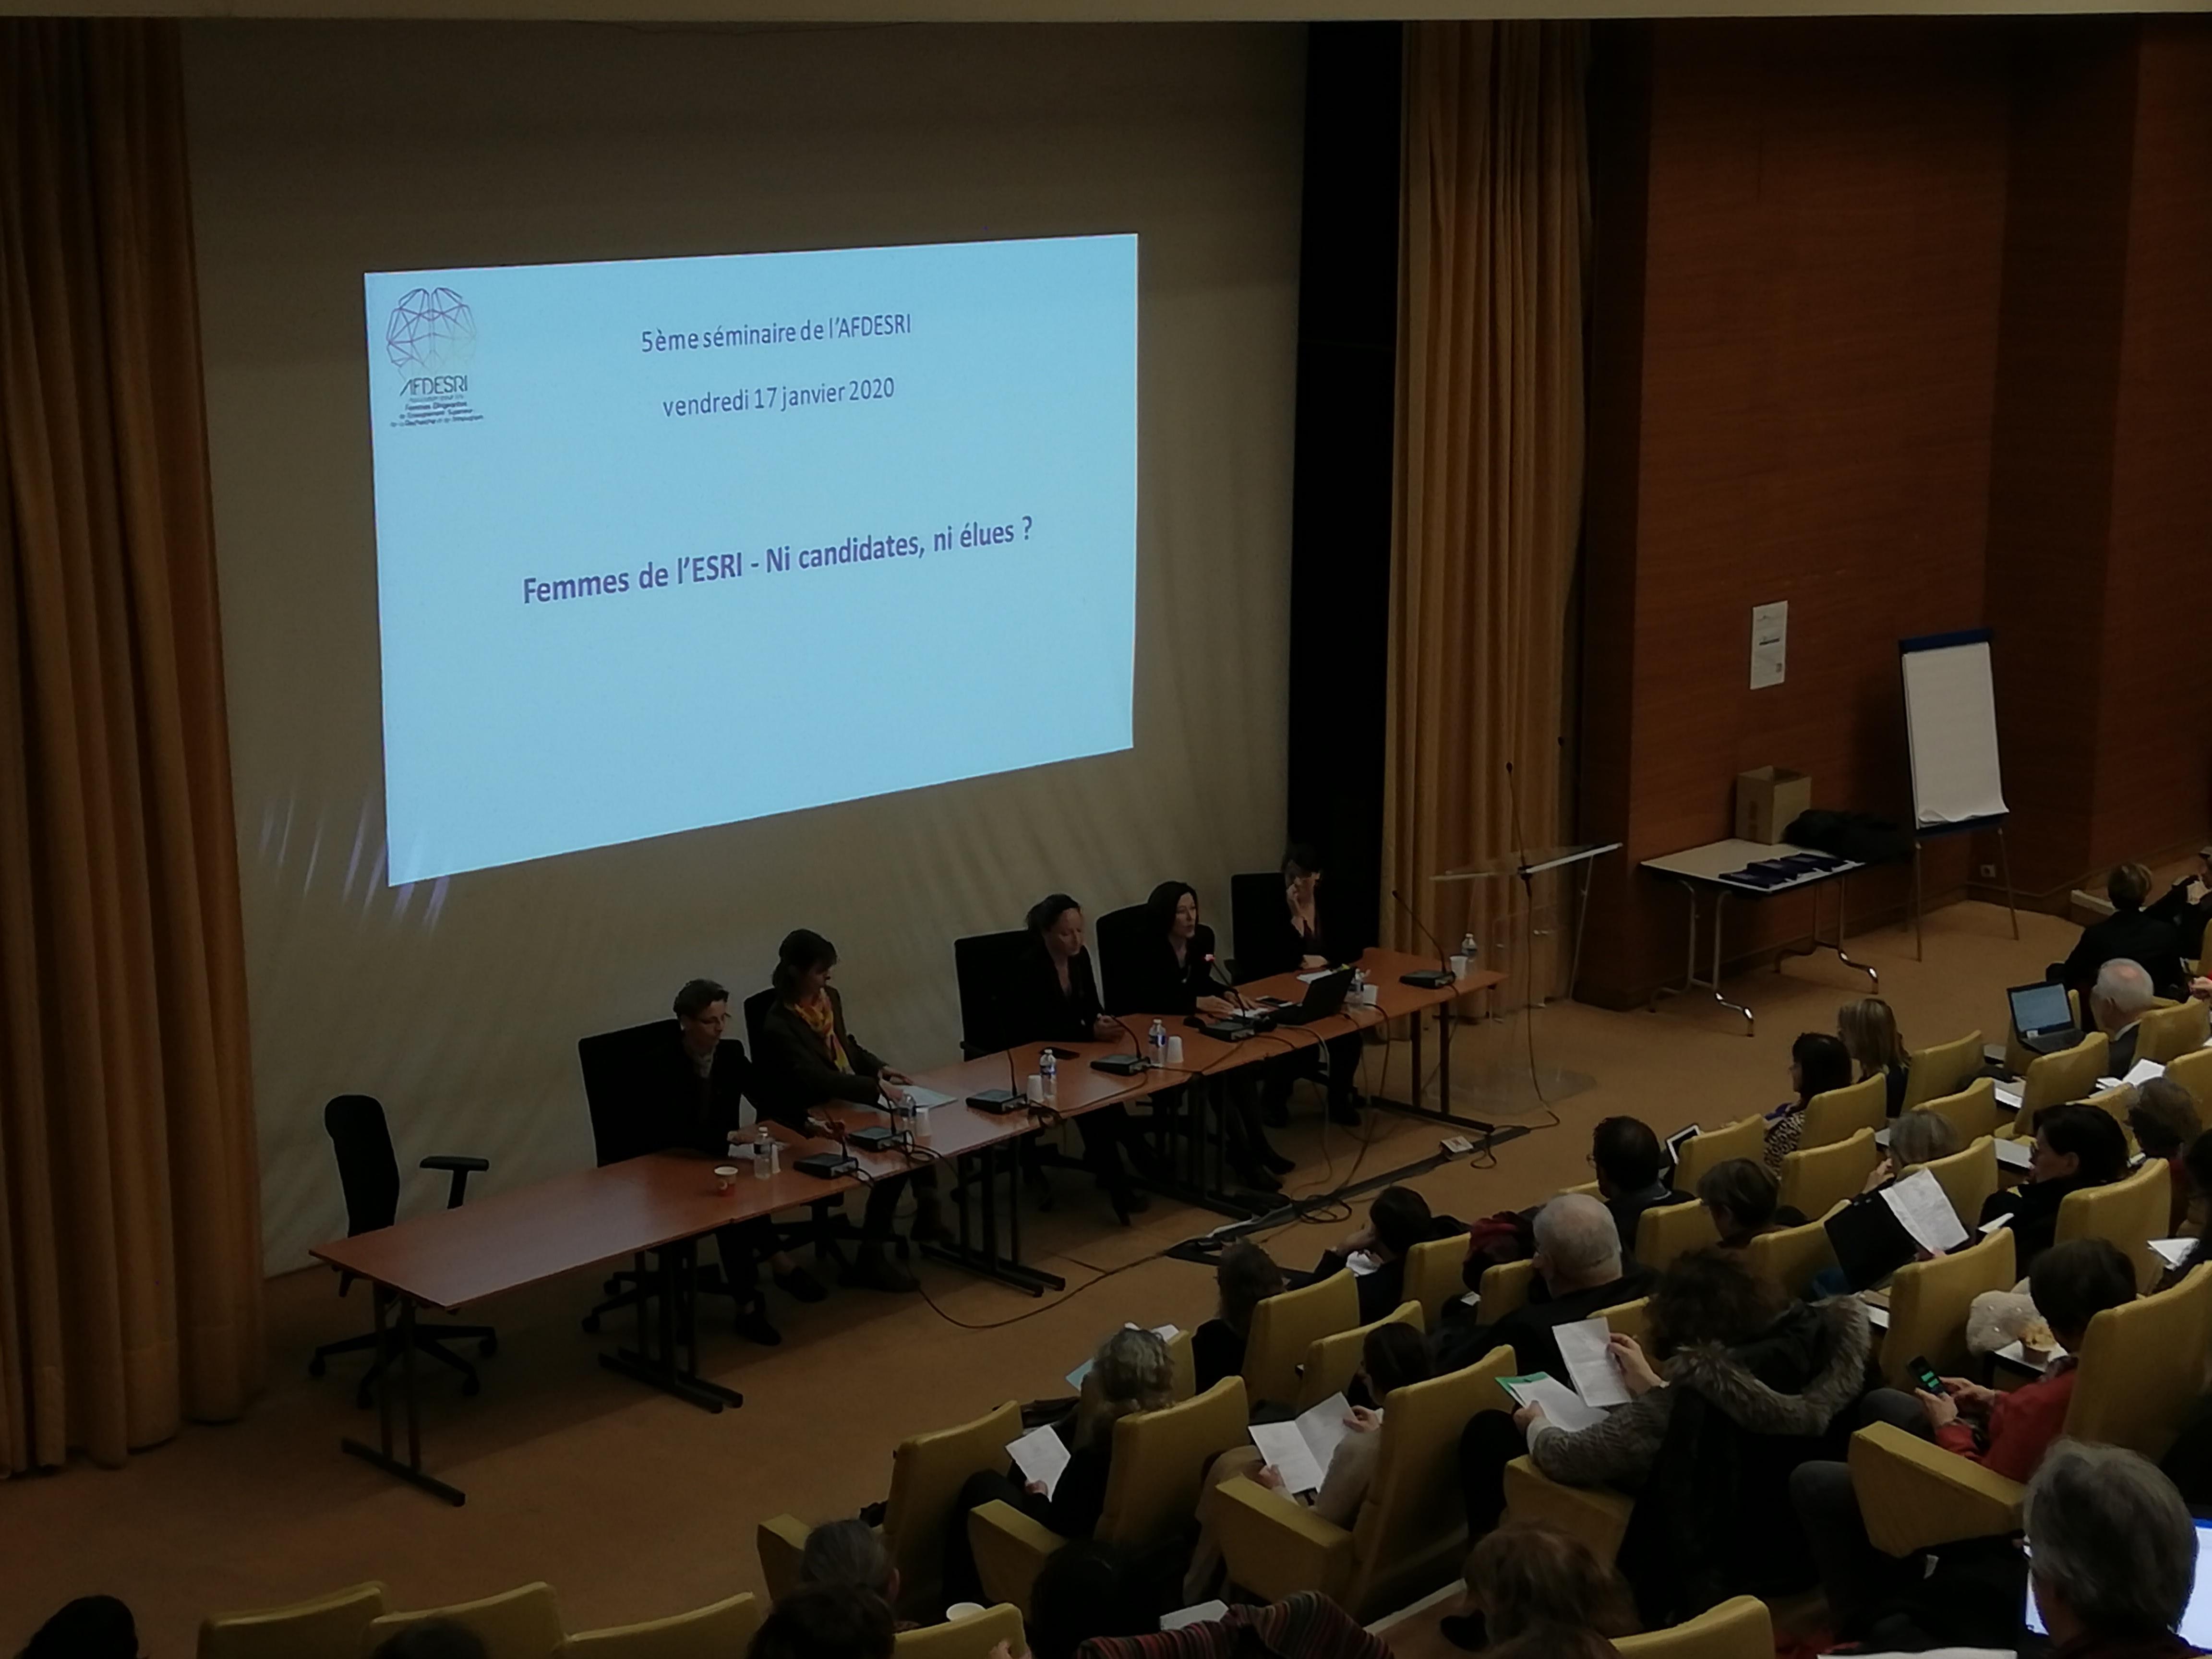 """5ème séminaire de l'AFDESRI. """"Femmes de l'ESRI – Ni candidates, ni élues ? """"- 17 janvier 2020"""